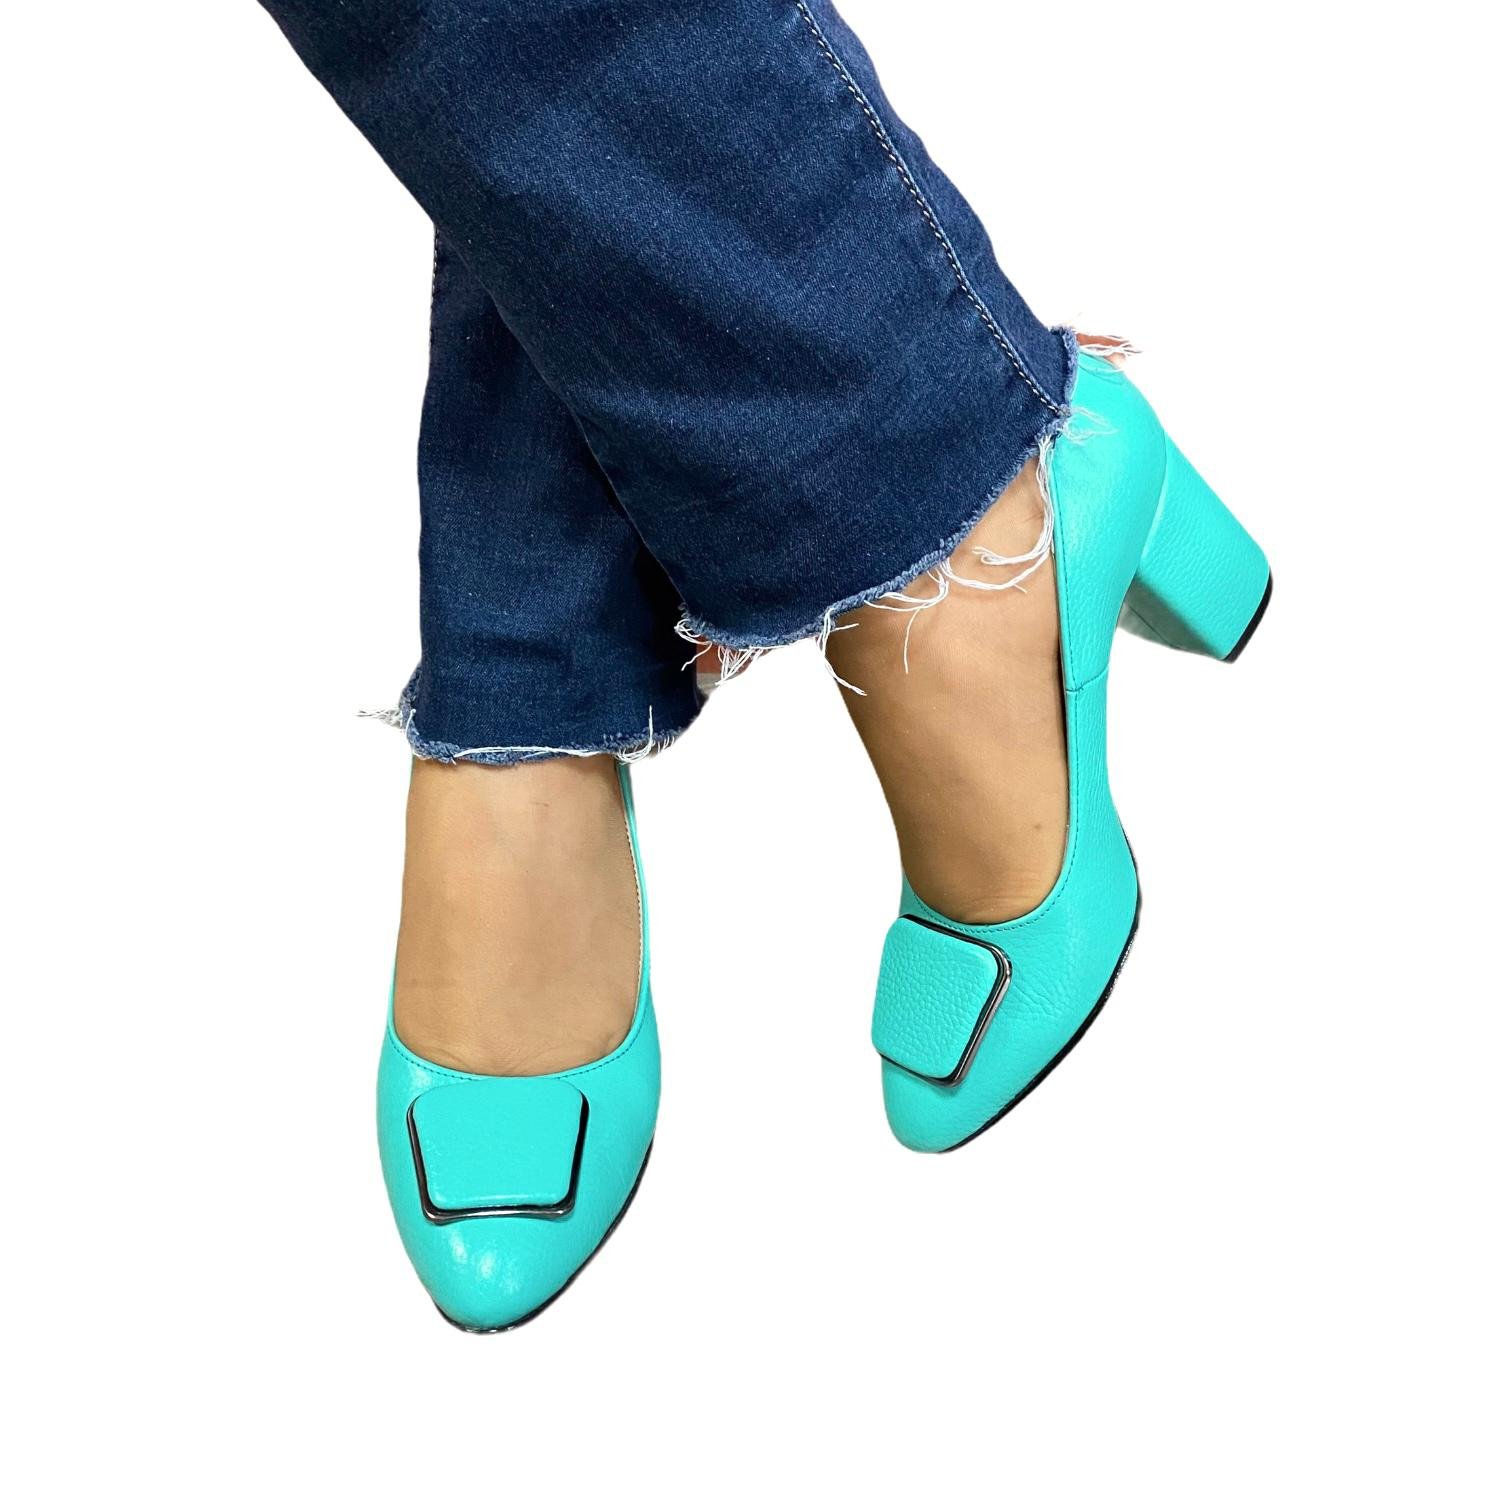 Pantofi turcoaz cu accesoriu metalic